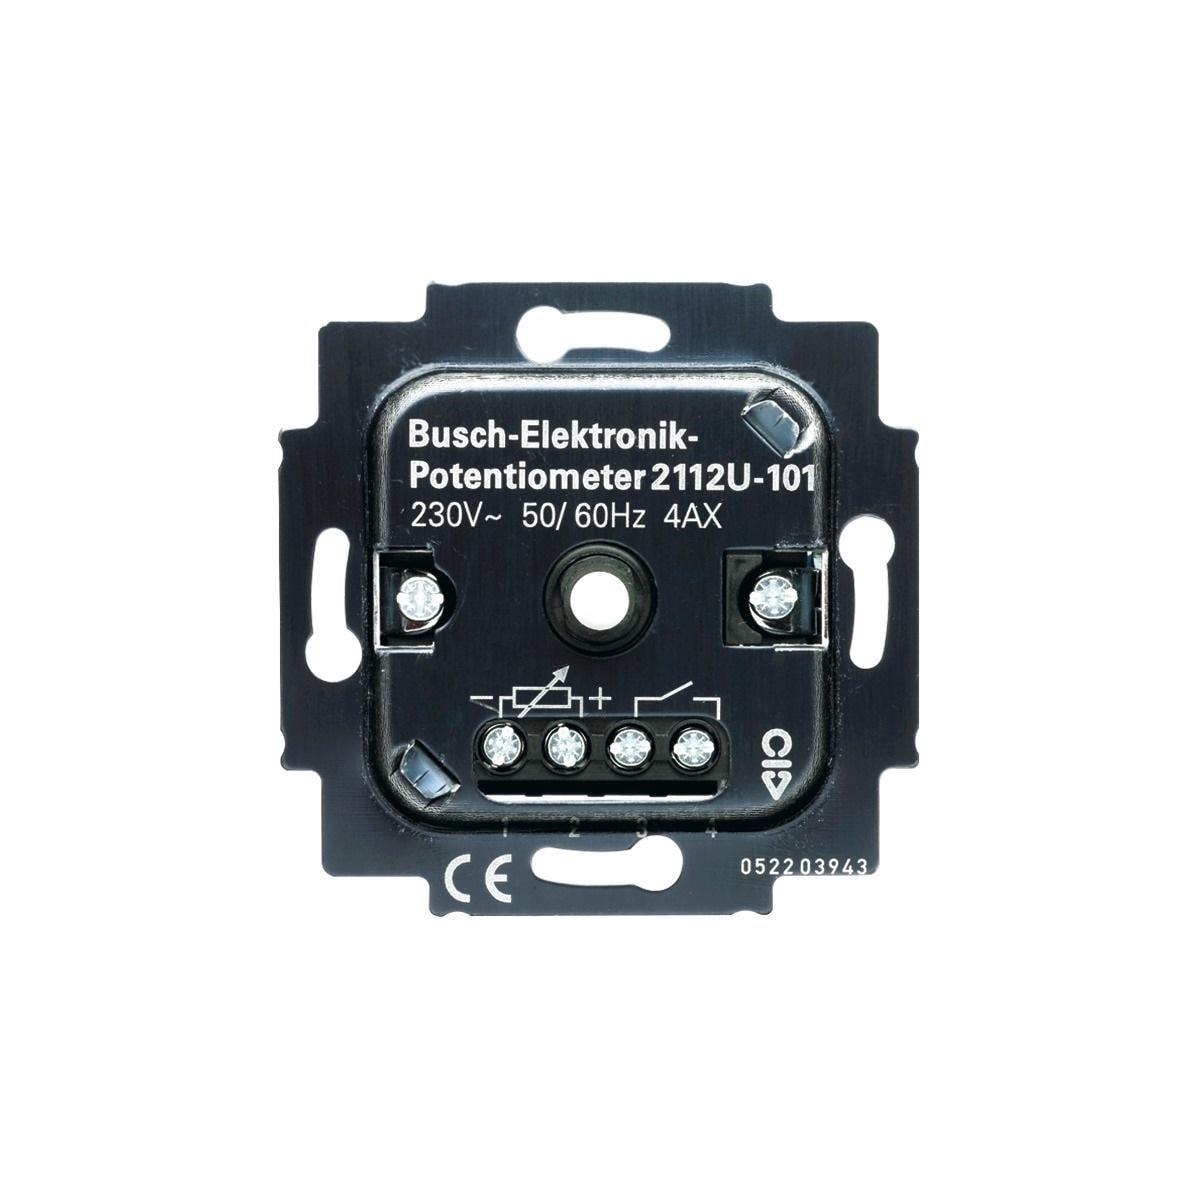 busch elektronik potenziometer einsatz busch jaeger 2112 u 101 von busch jaeger premium bei. Black Bedroom Furniture Sets. Home Design Ideas